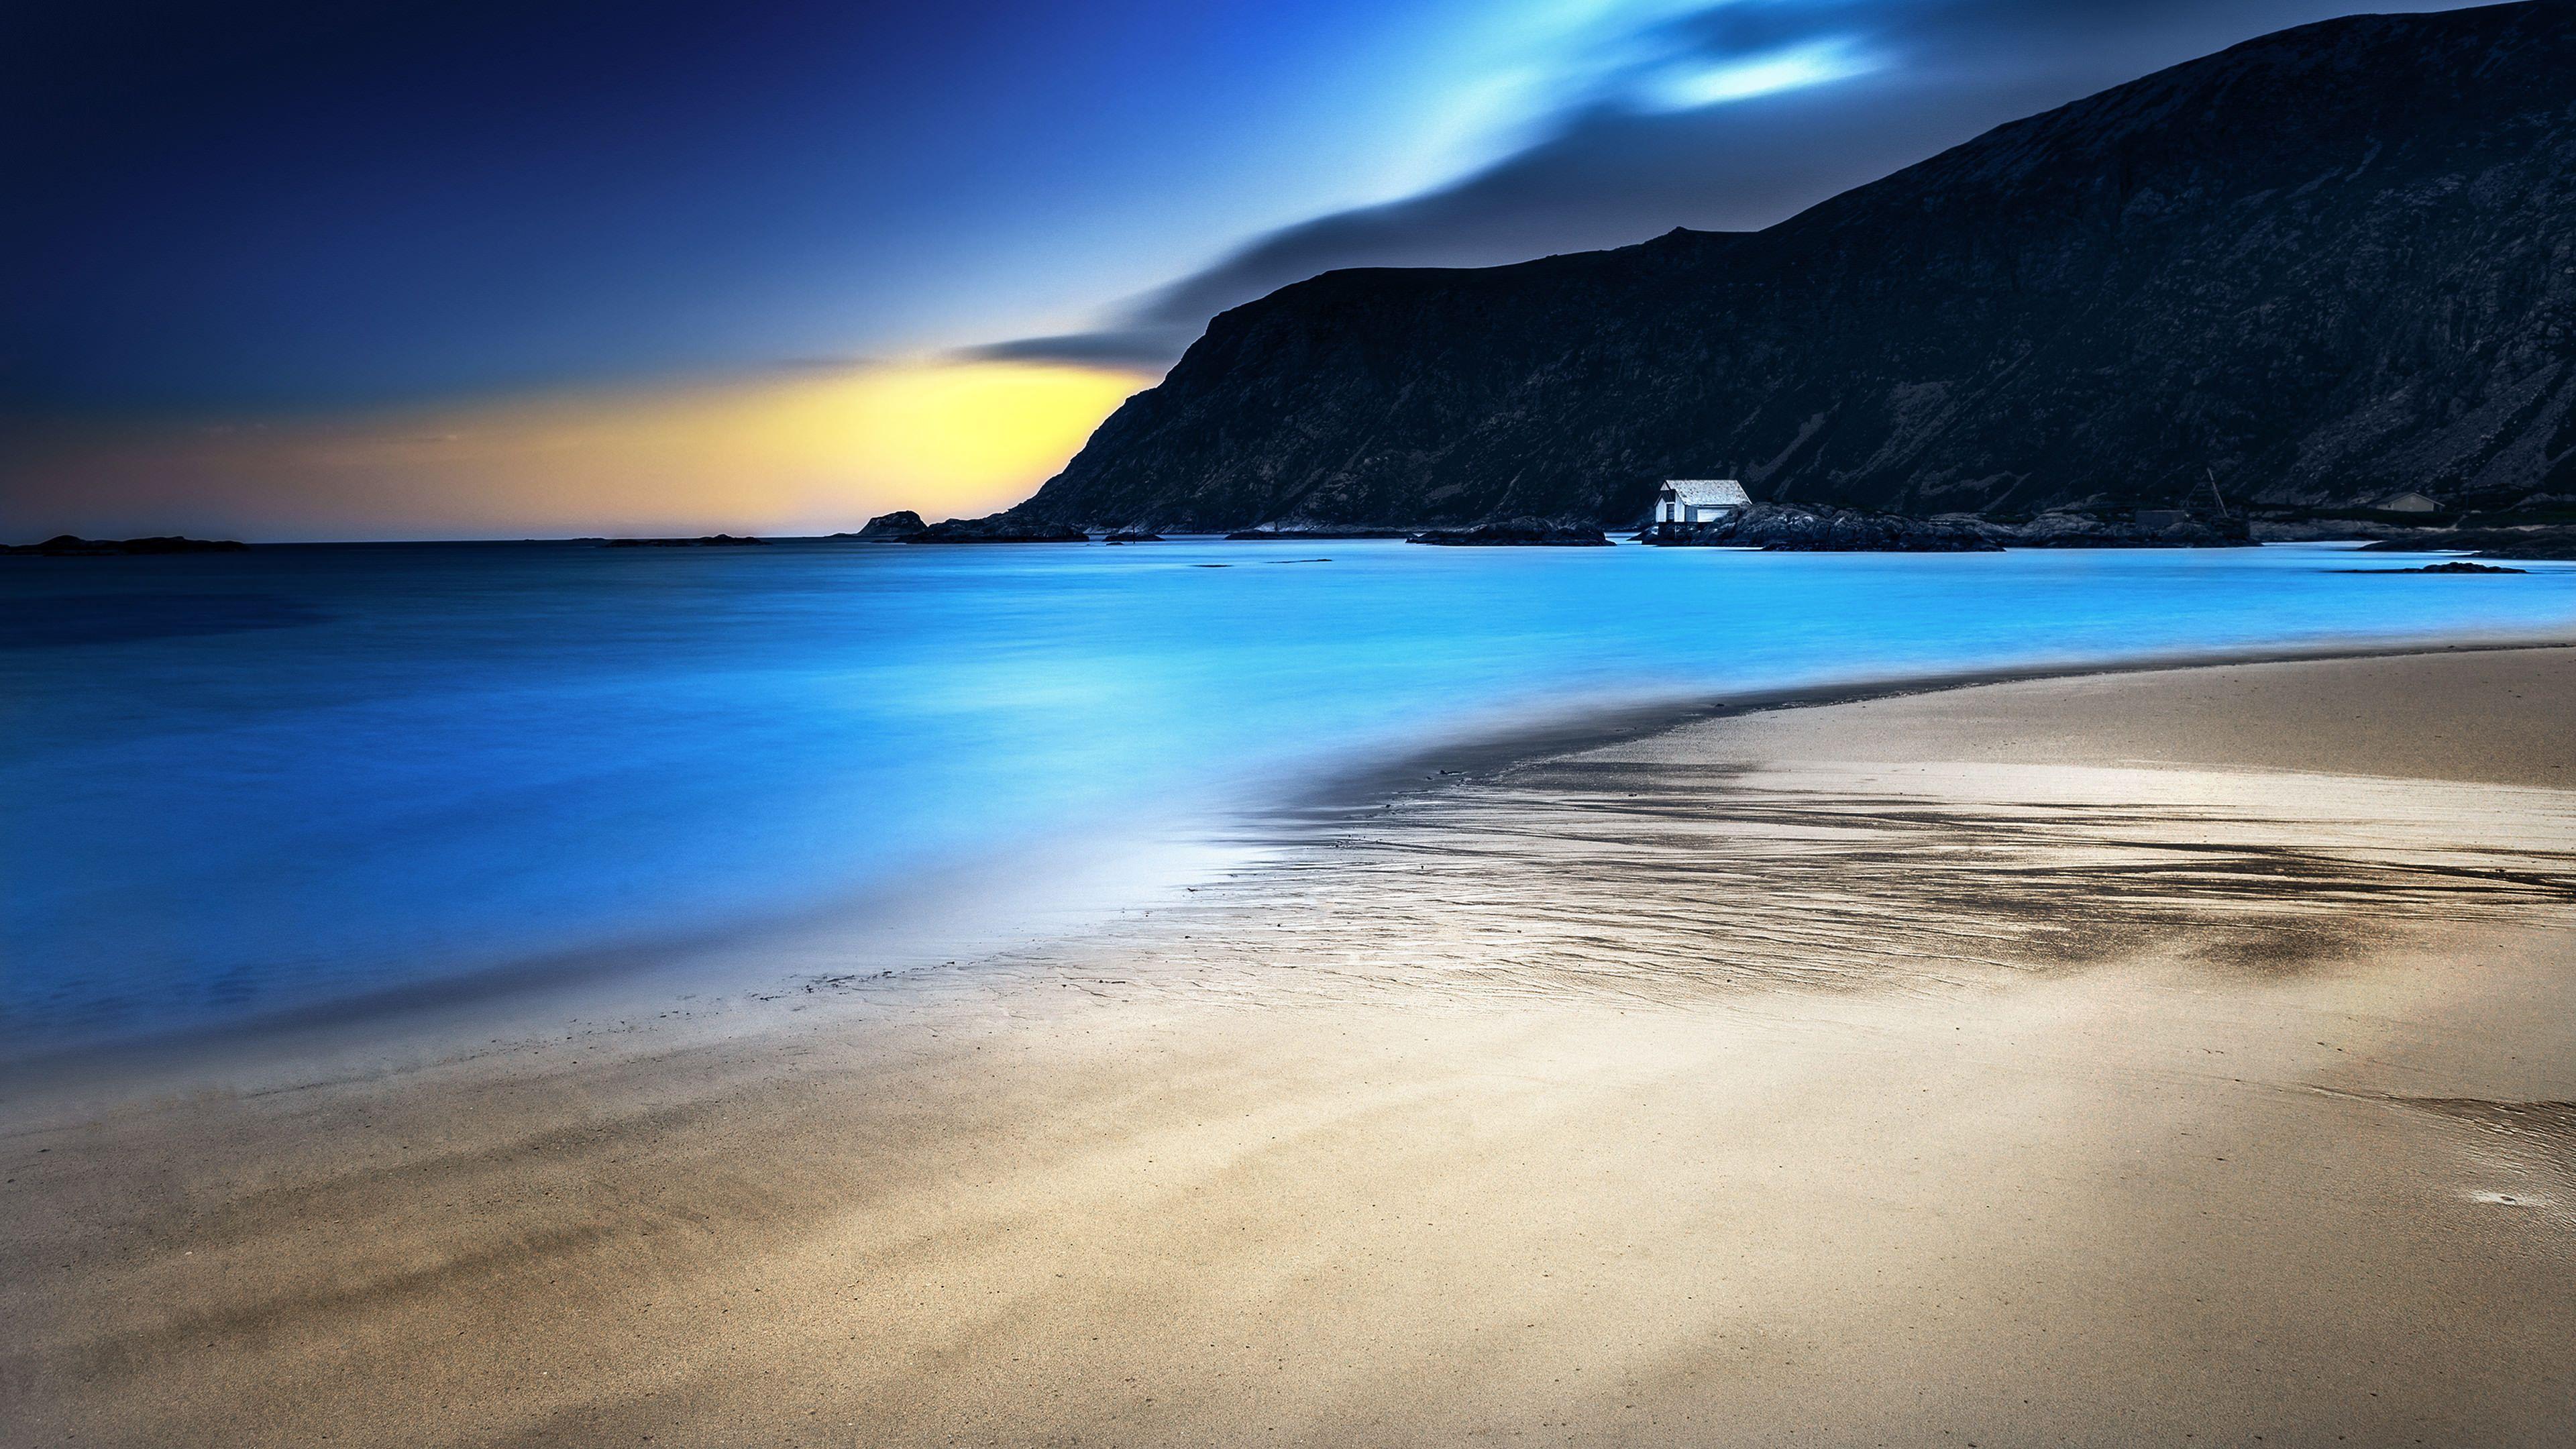 night beach 3840 x 2160 hdwallpaper wallpaper image hd rh pinterest com